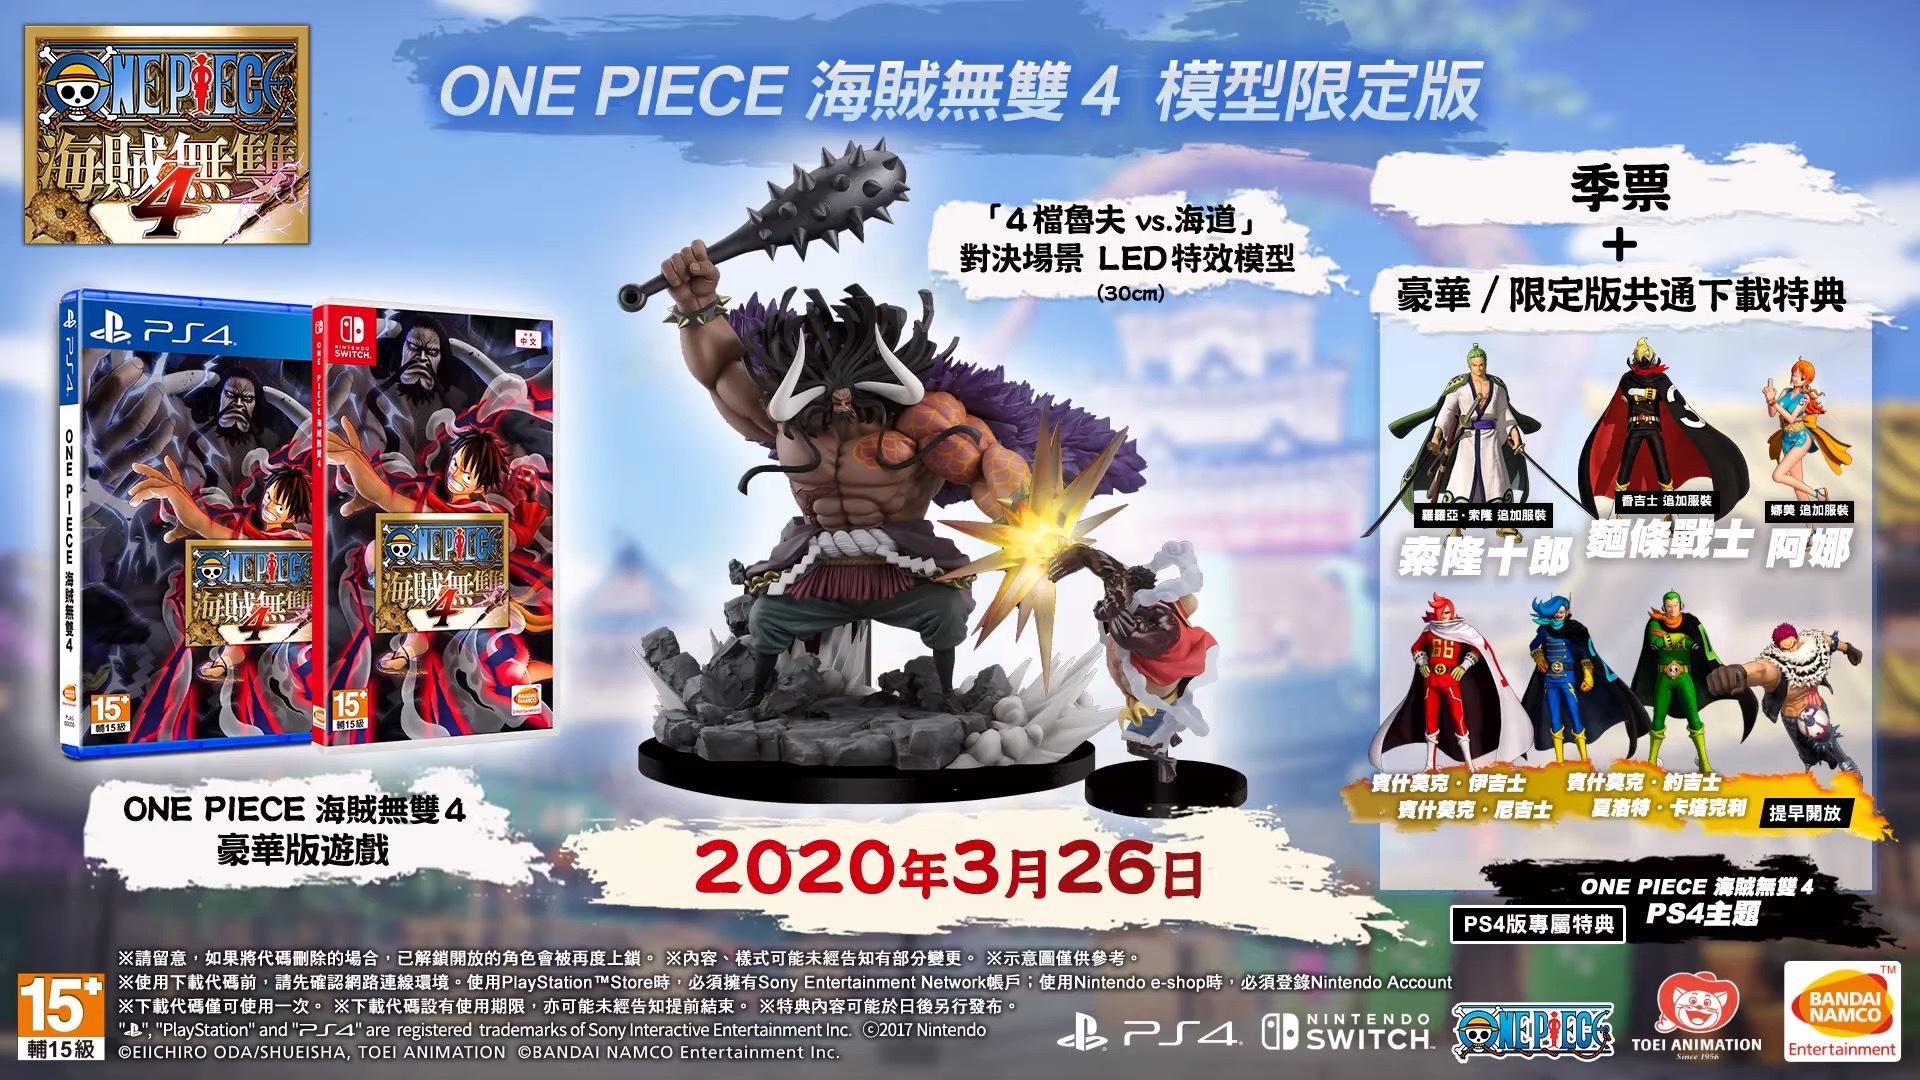 《海贼无双4》在线合作中文版预告 首批特典送汉考克王元姬服装